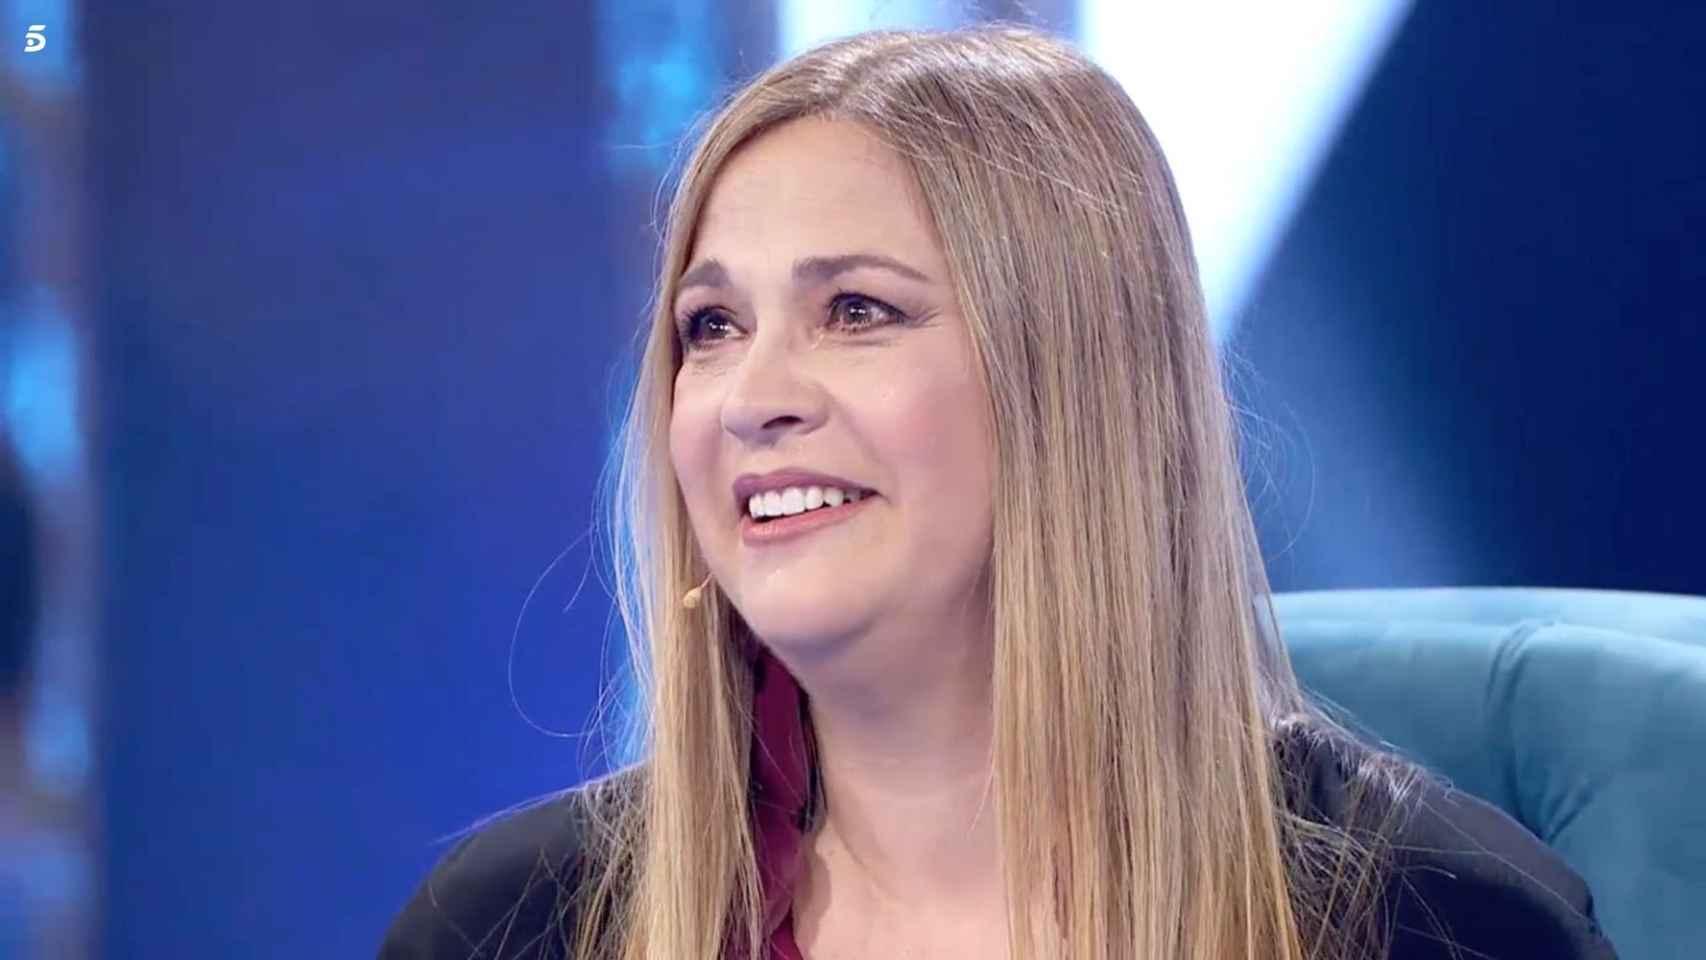 Quién es Loreto Valverde, la actriz y presentadora invitada de 'Pasapalabra'